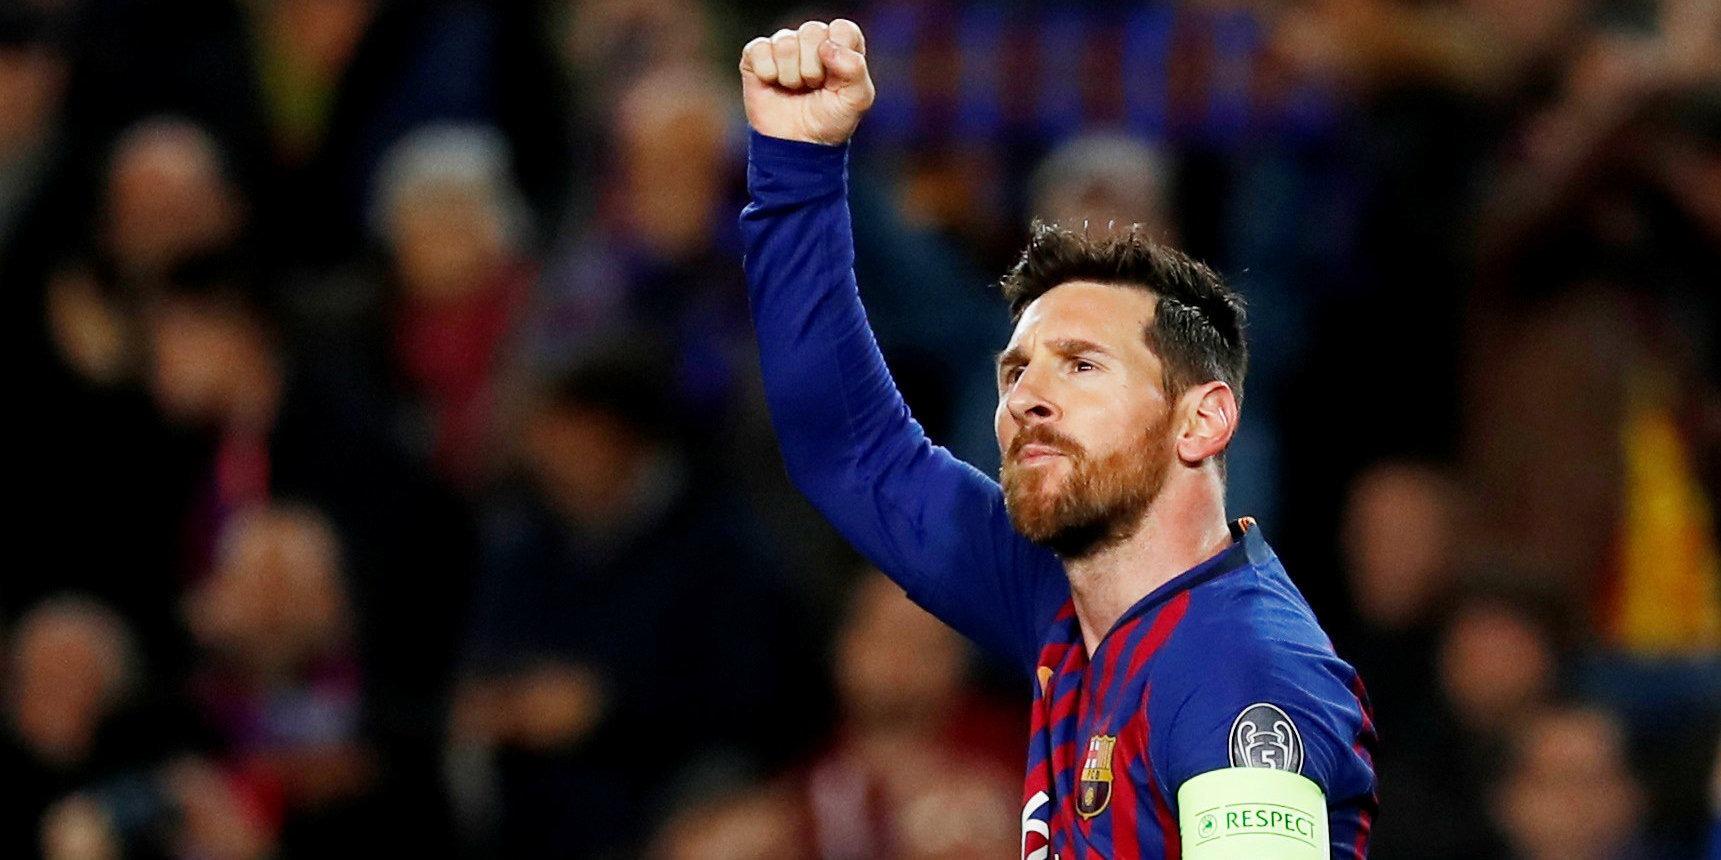 Bukmekery prinimayut stavki na goly Messi v Primere 1